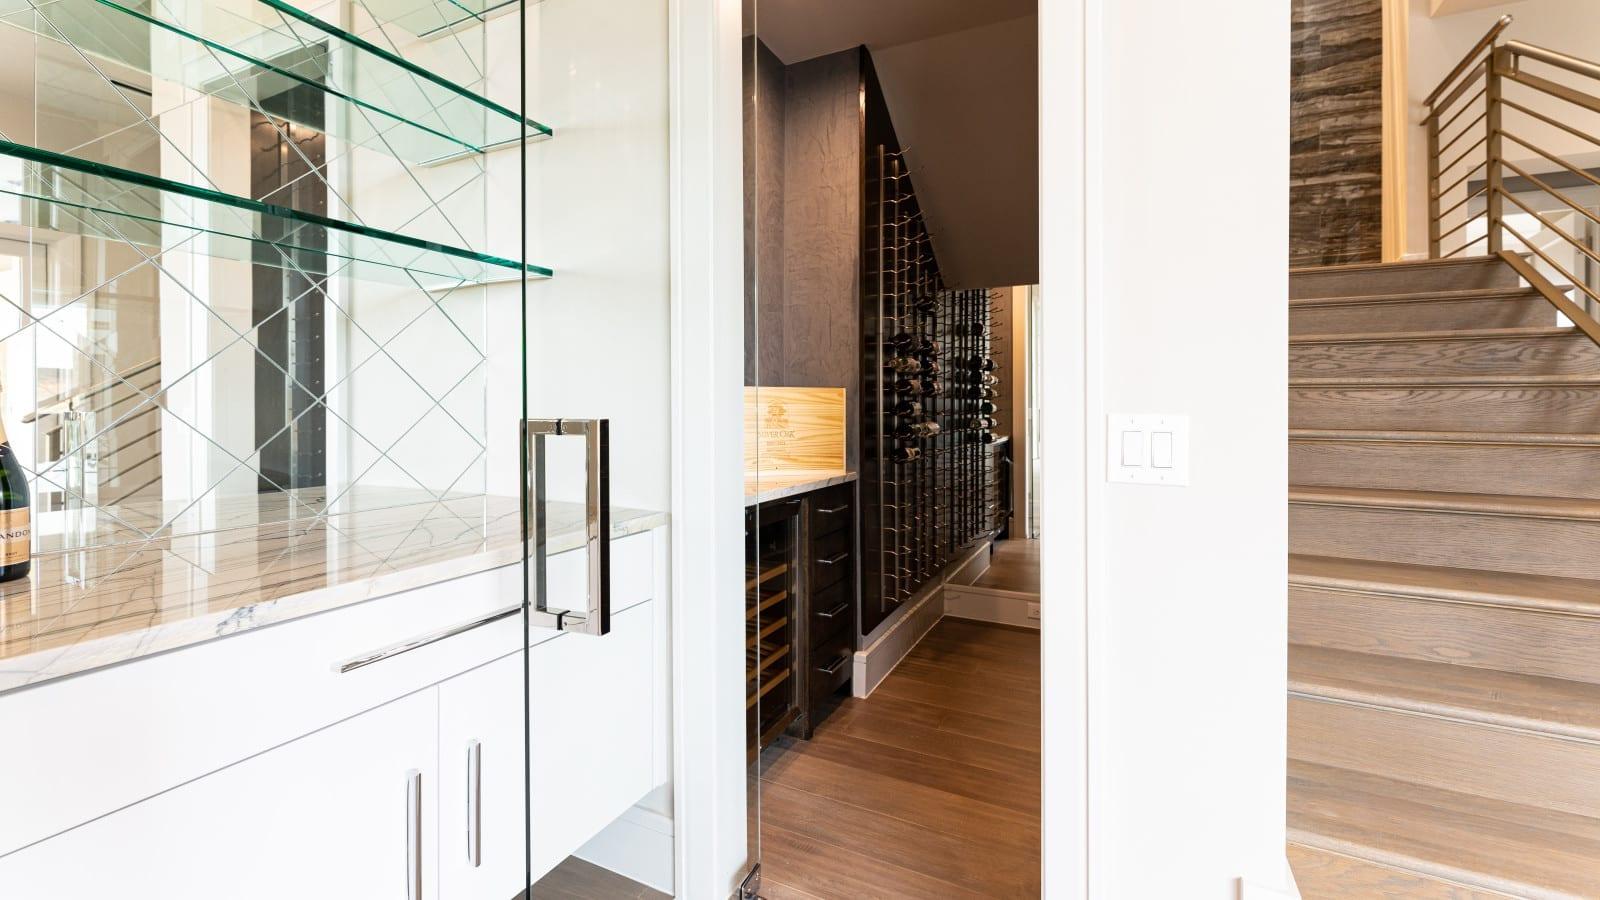 modern home design 24 - Millennial Design + Build